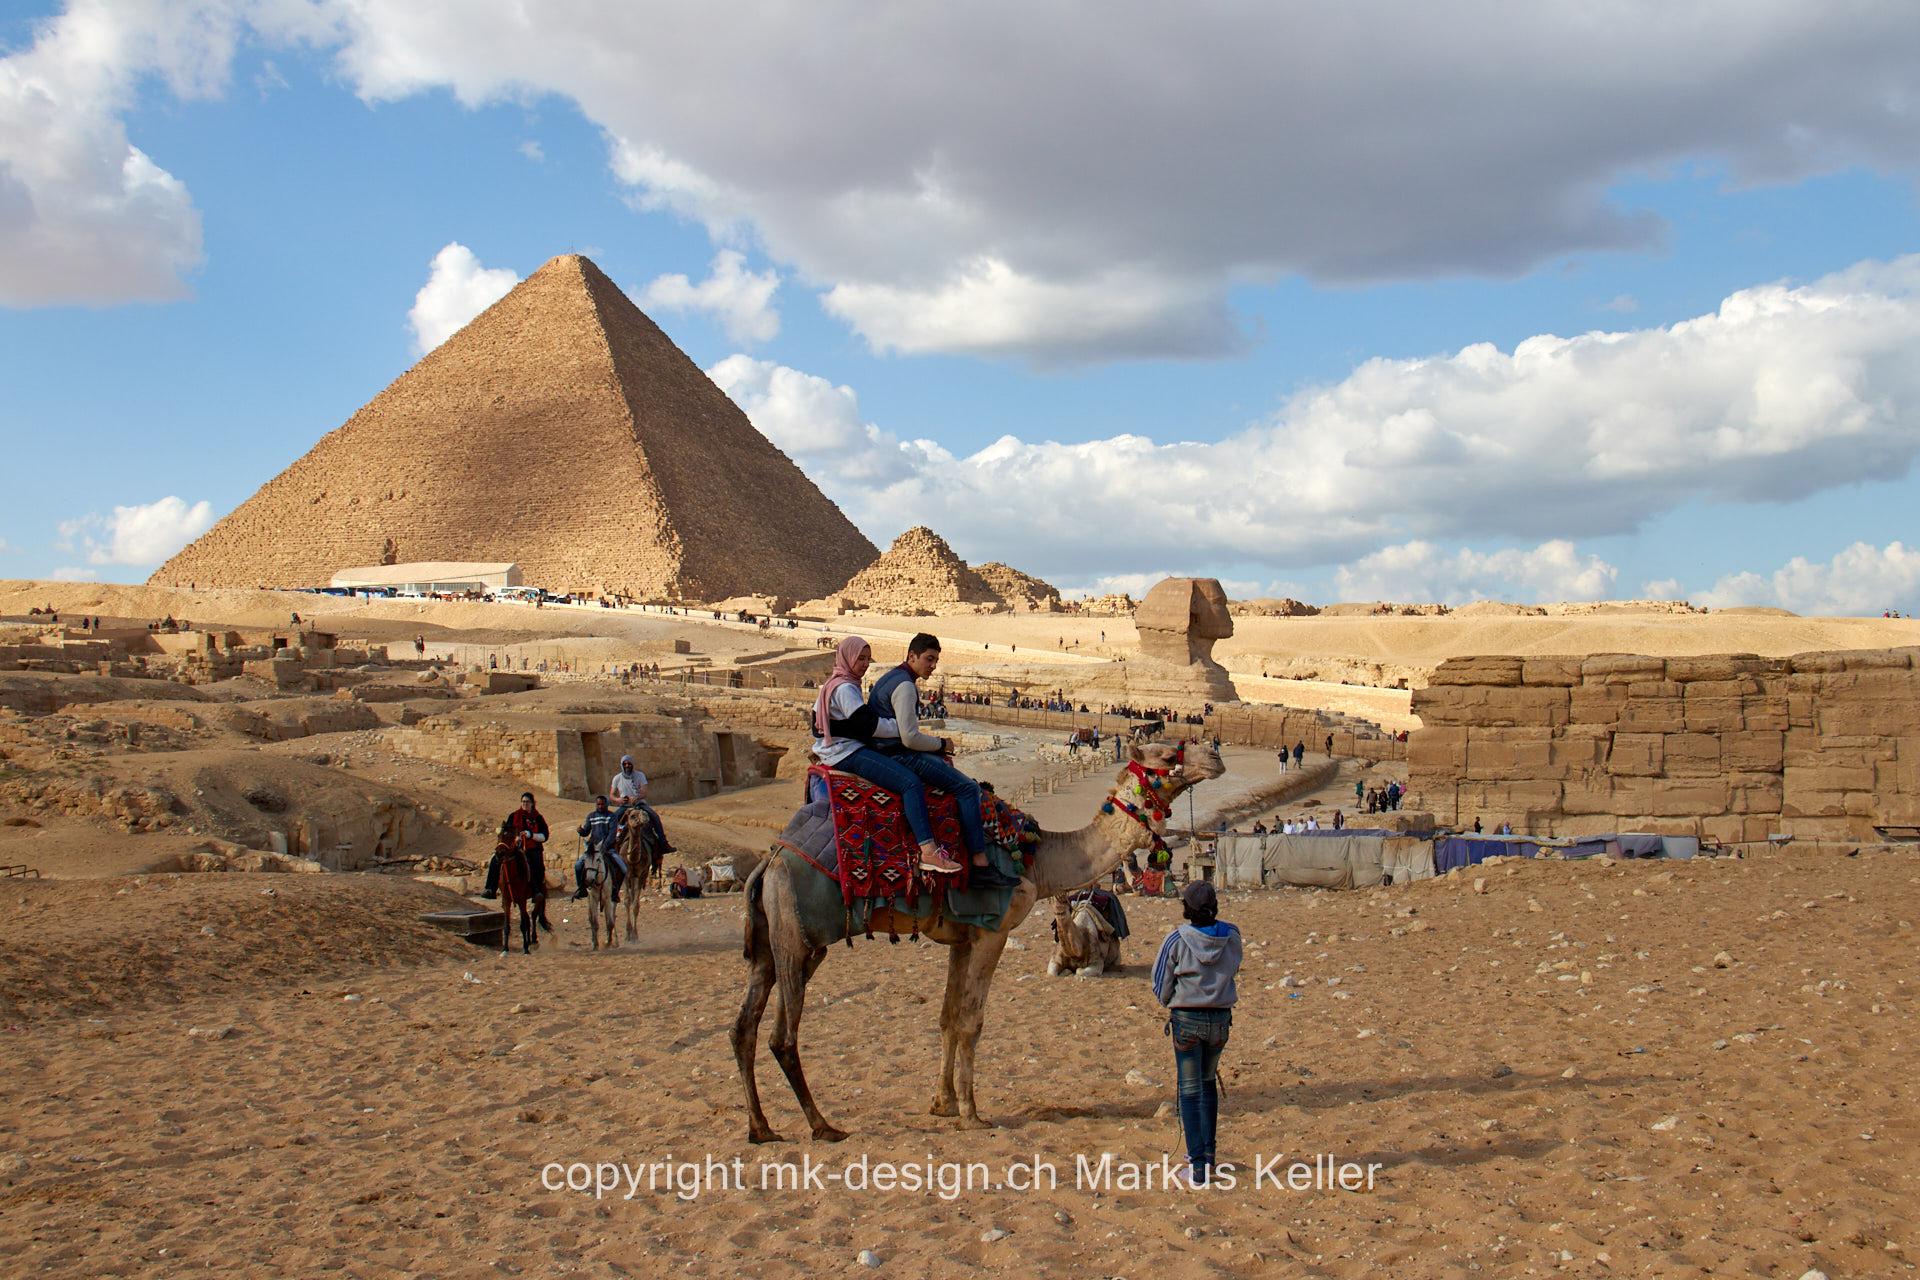 Bauwerk   Pyramide   Statue/Skulptur   Sphings   Chephren